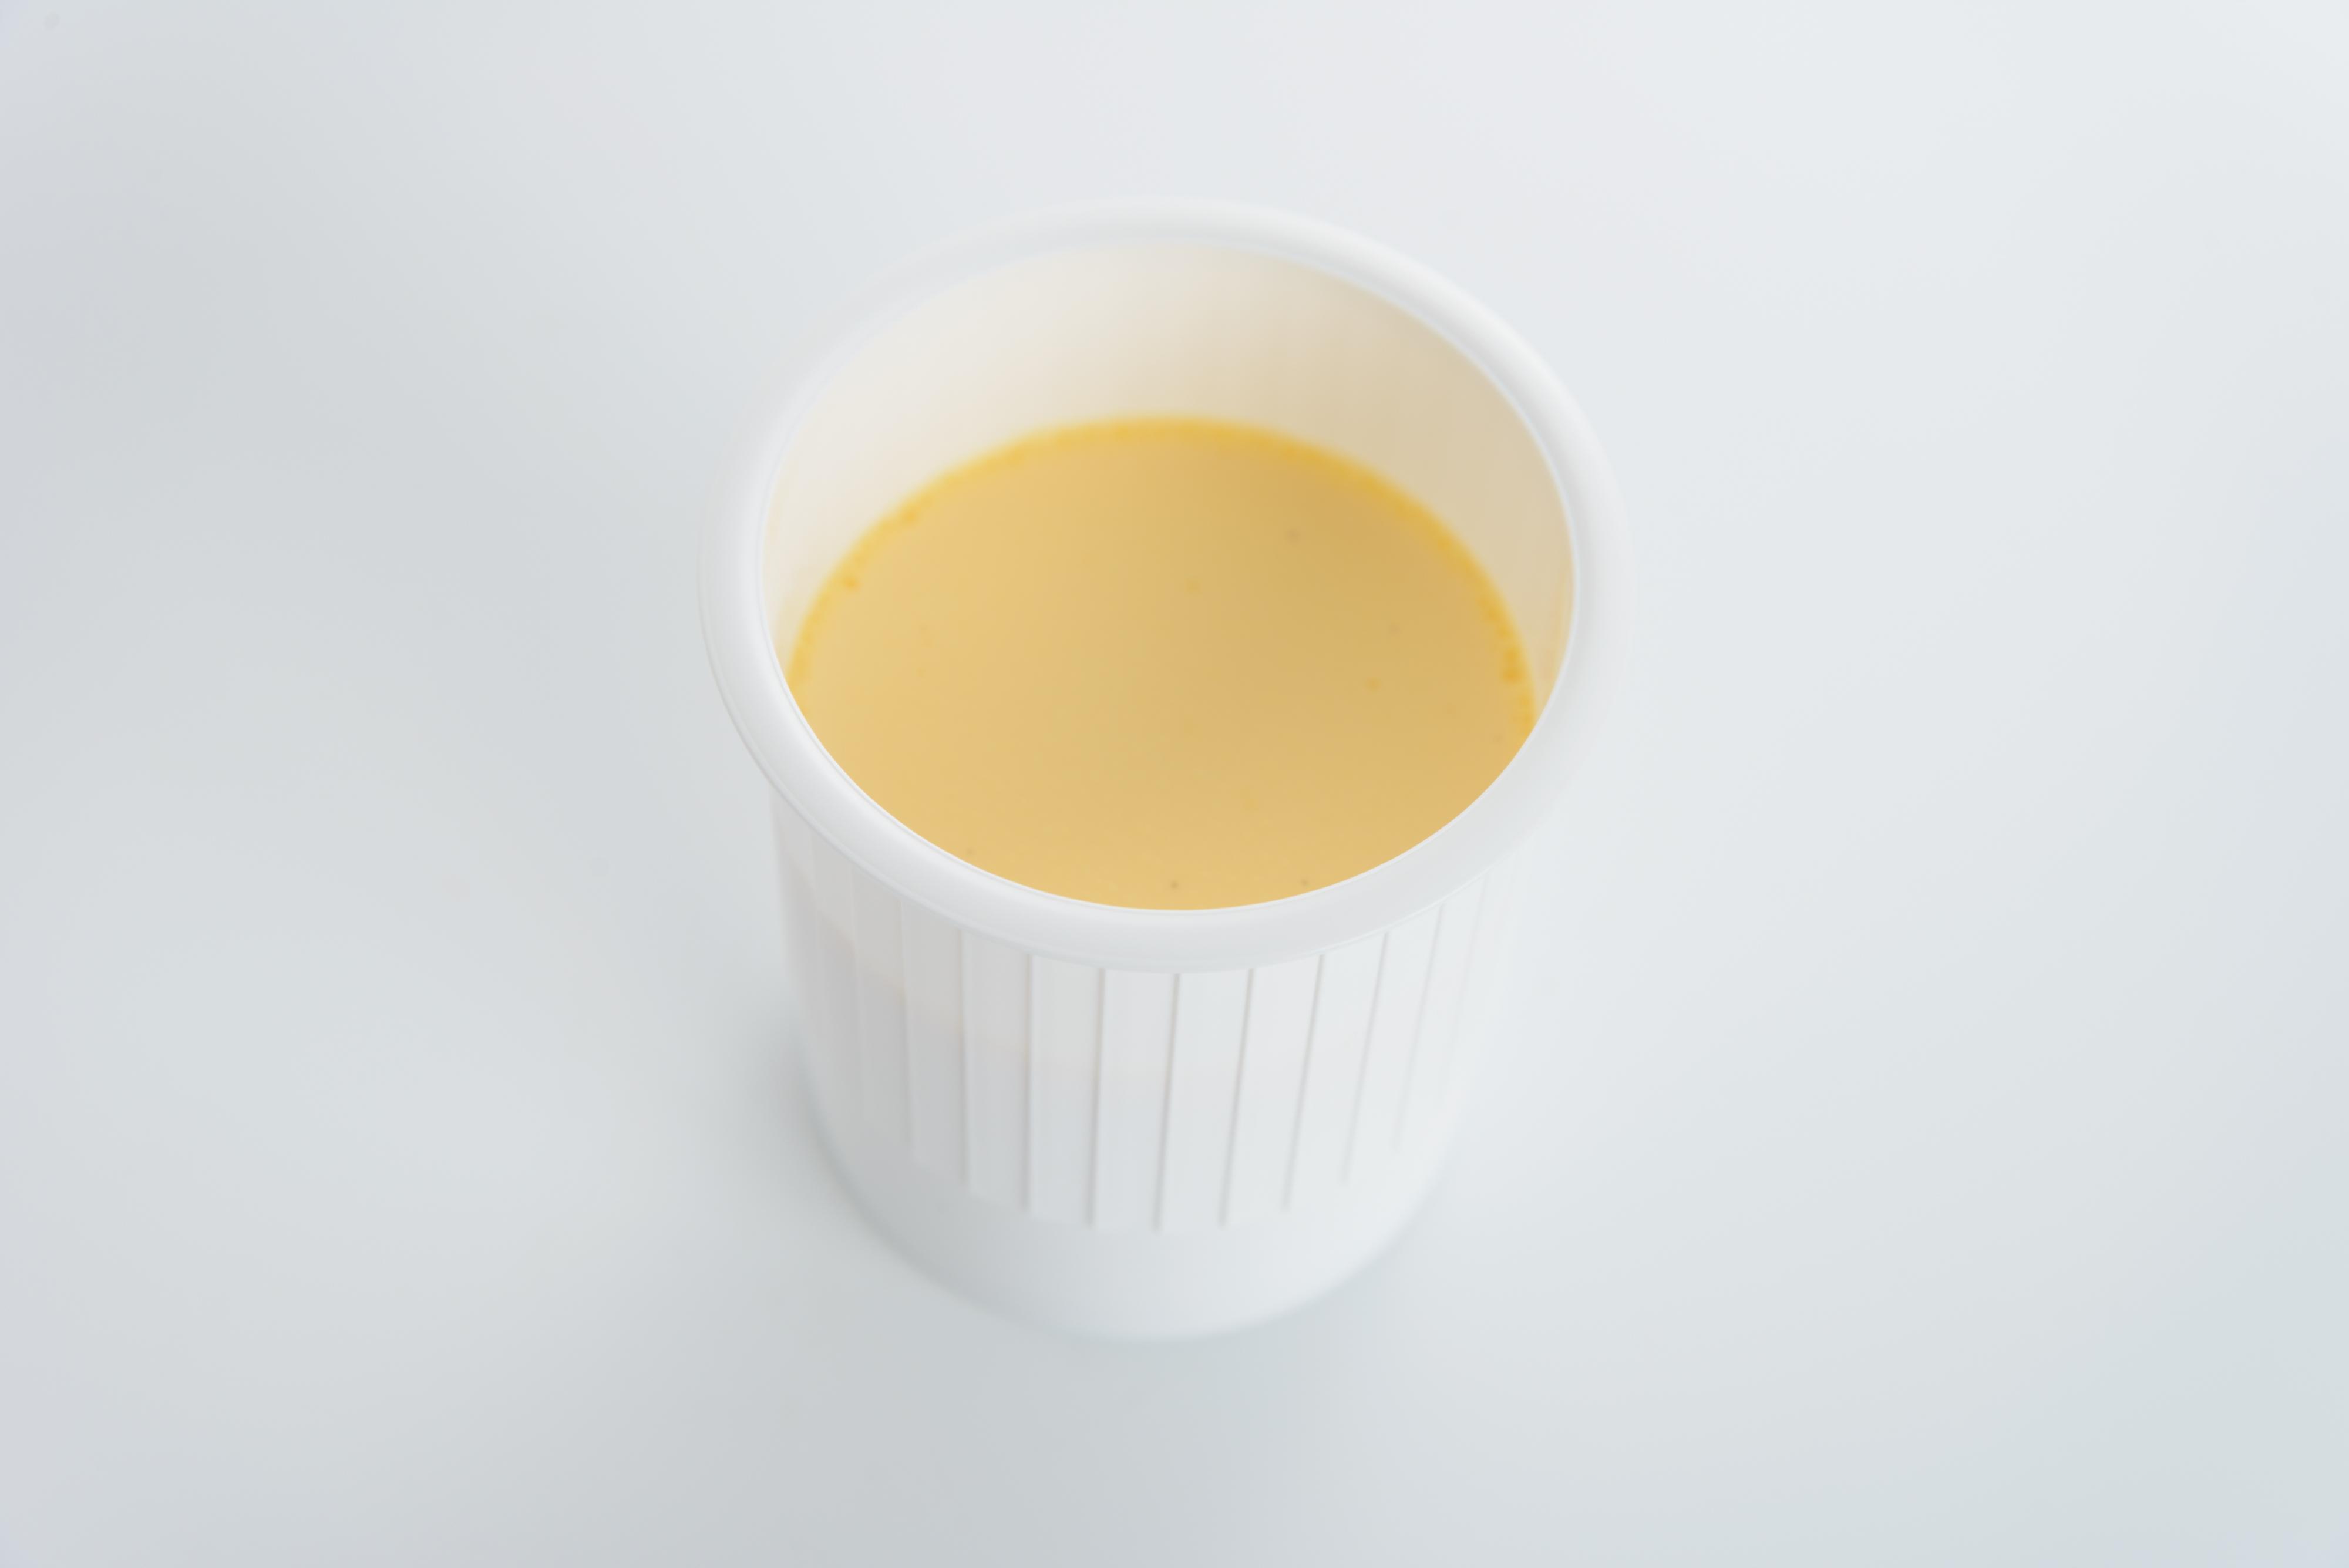 <H1>プリン</H1> 220円/生クリームと卵黄をたっぷり使用したなめらかプリン。 おすすめです。